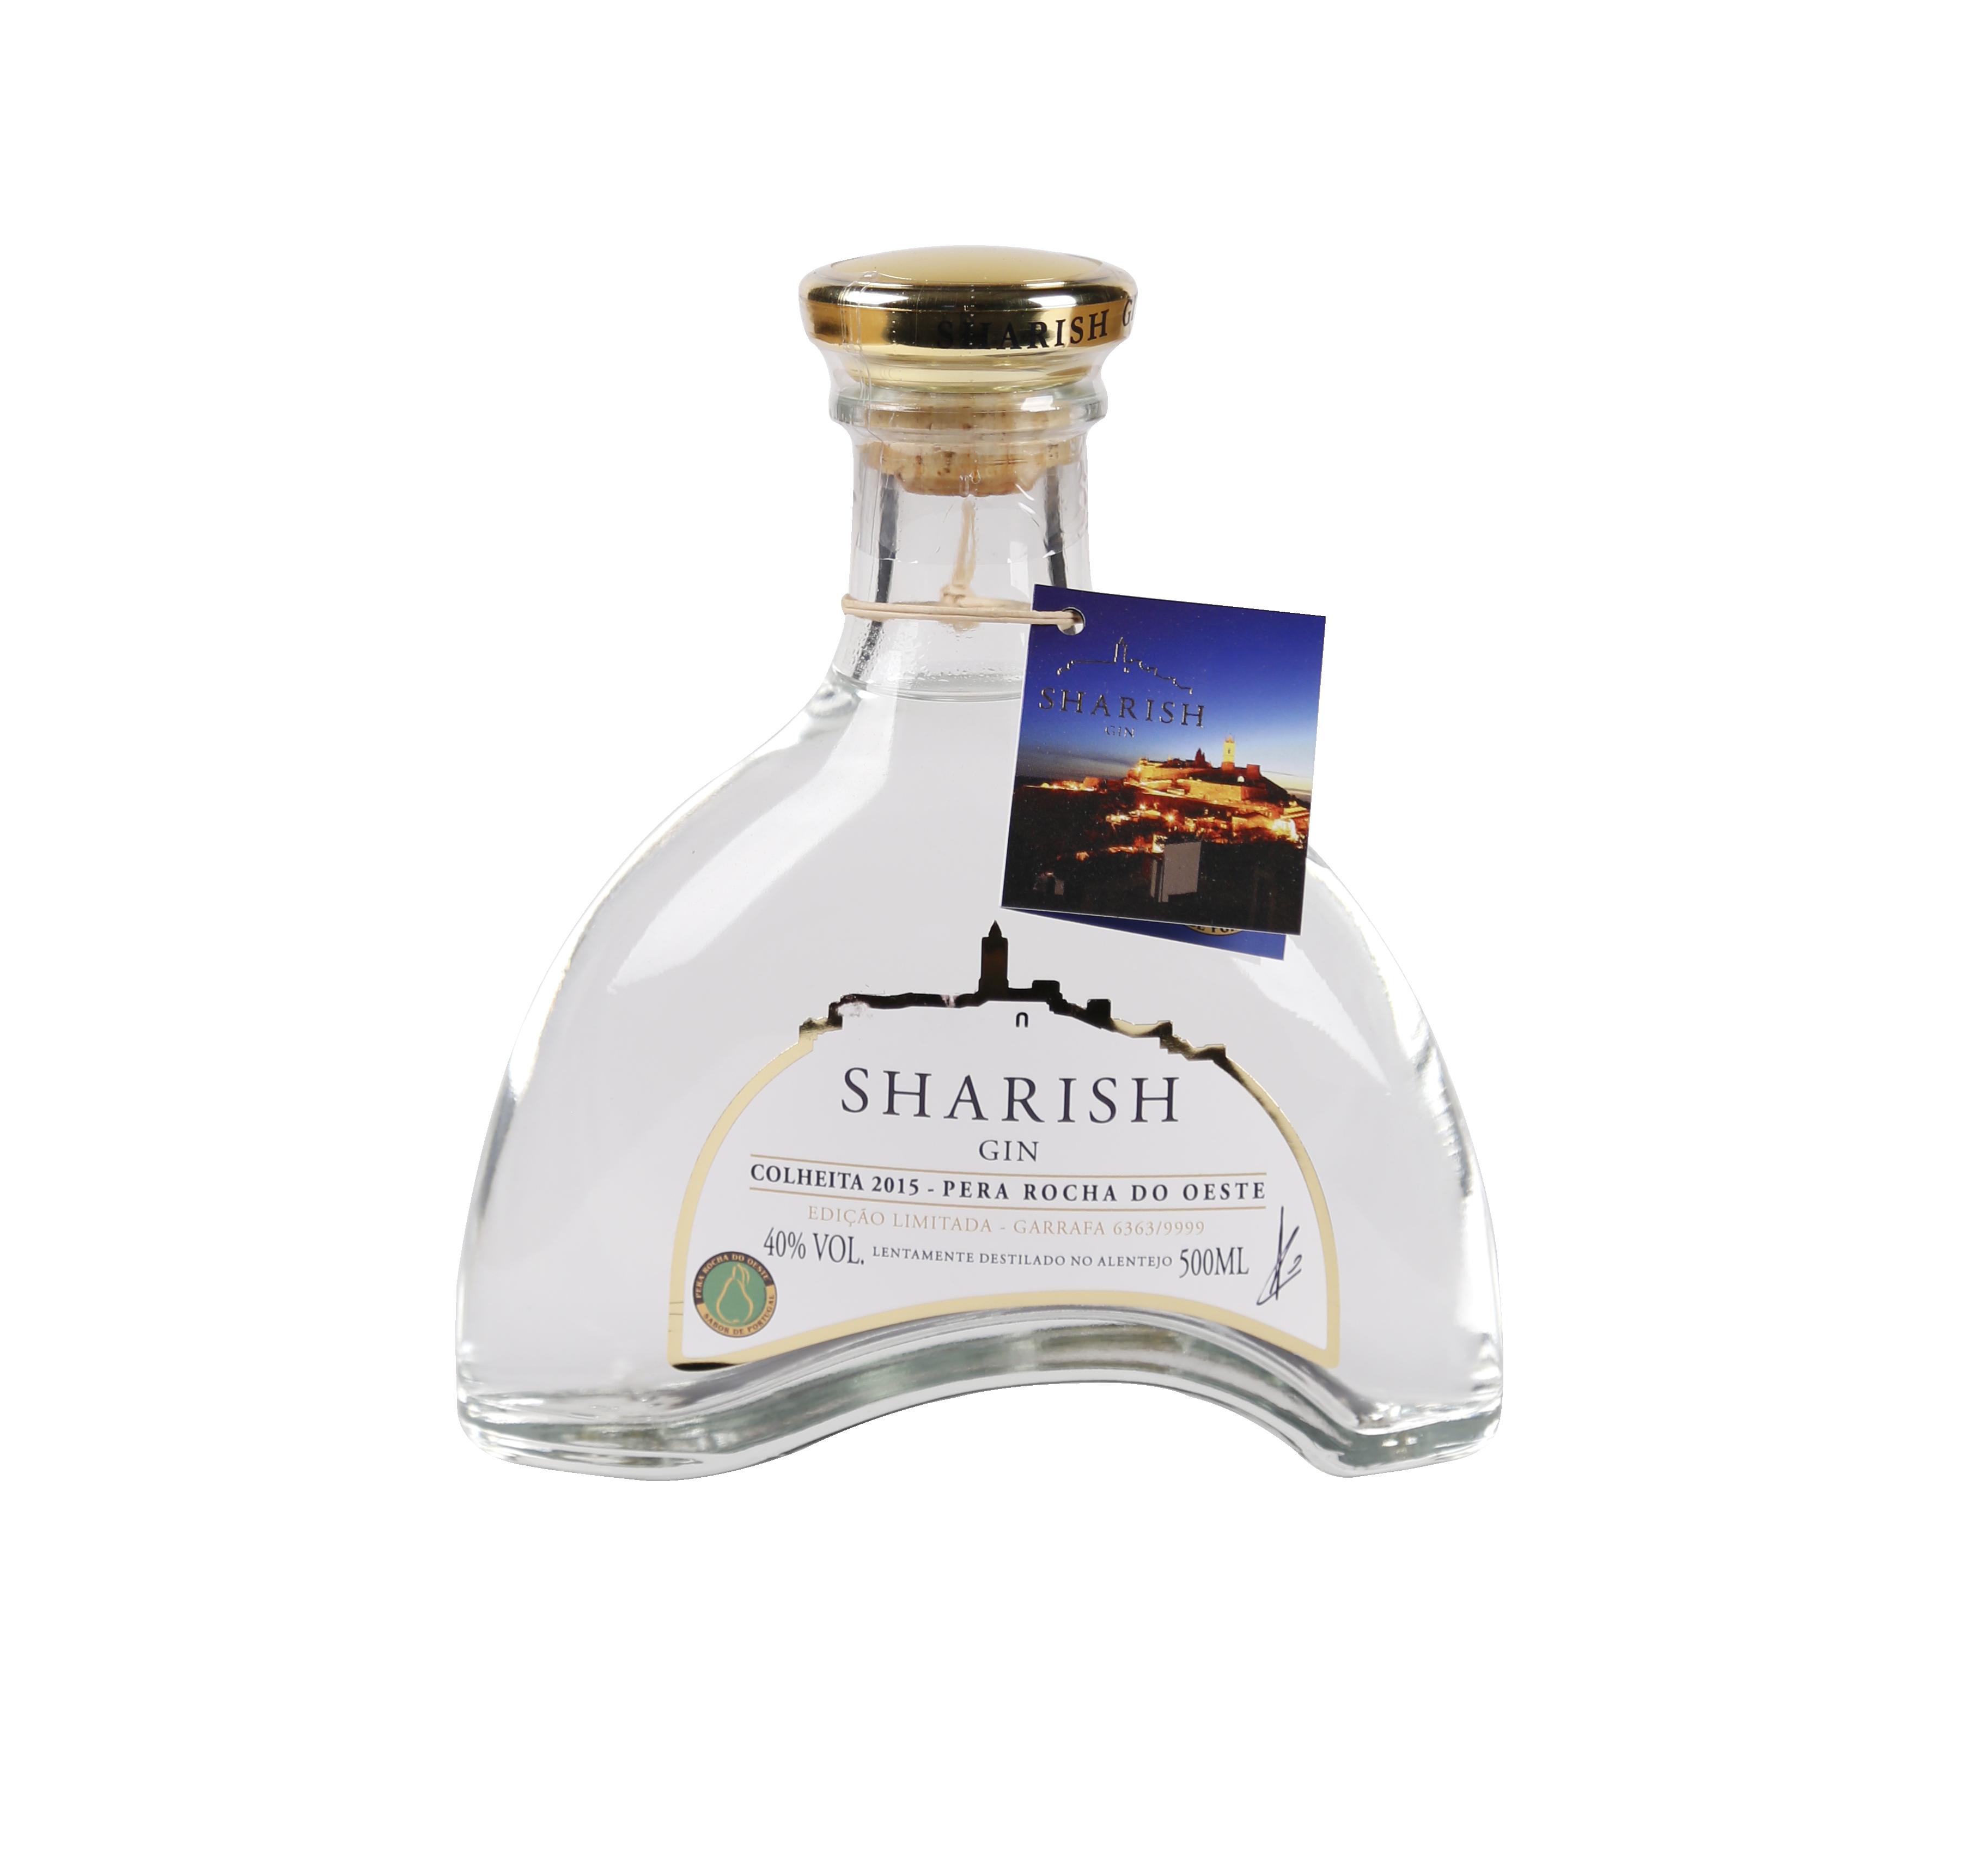 SHARISH 薩瑞斯羅恰梨琴酒